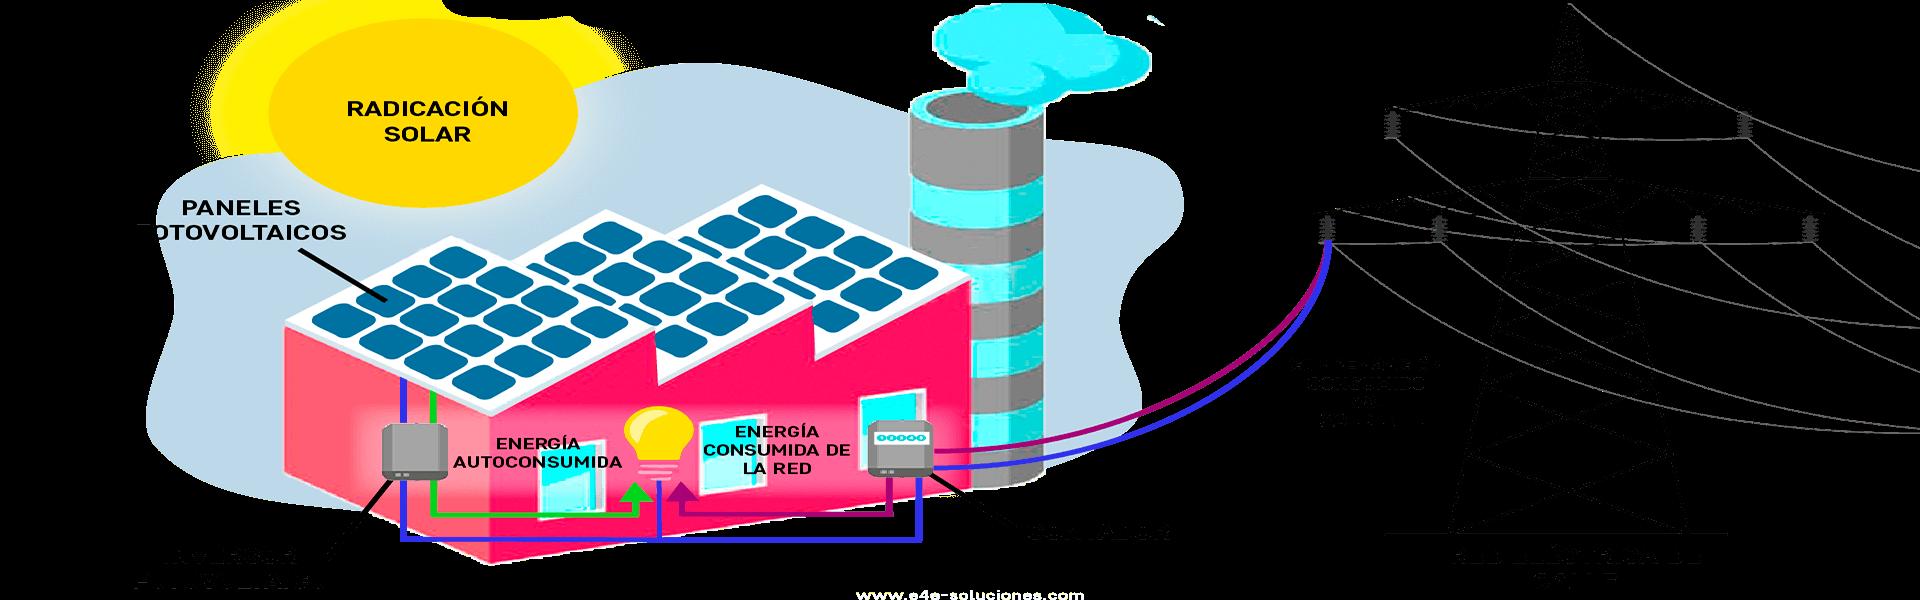 autoconsumo fotovoltaico para empresas - ¿Cómo funciona el autoconsumo fotovoltaico?